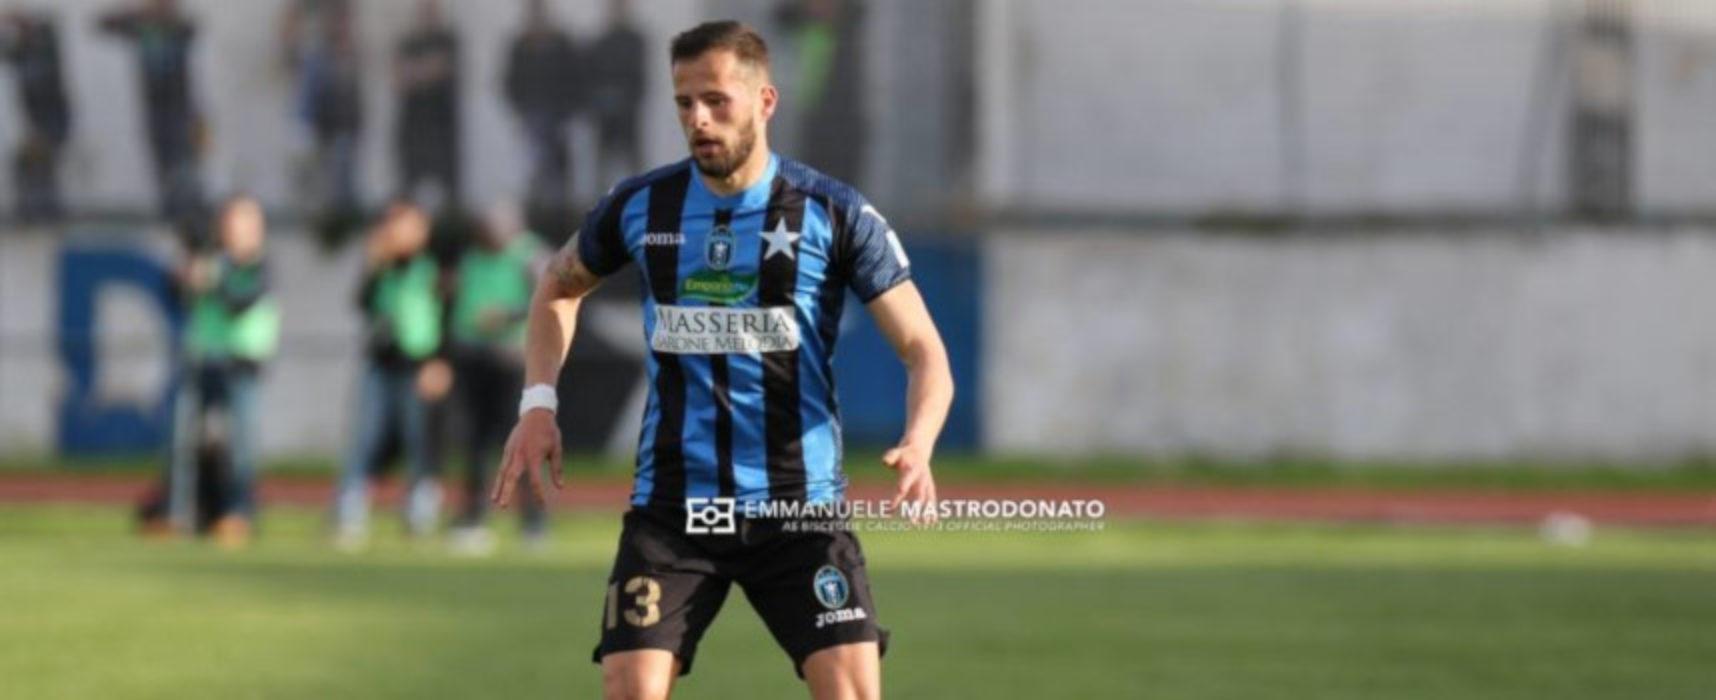 Bisceglie Calcio, c'è il ritorno di Maxime Giron